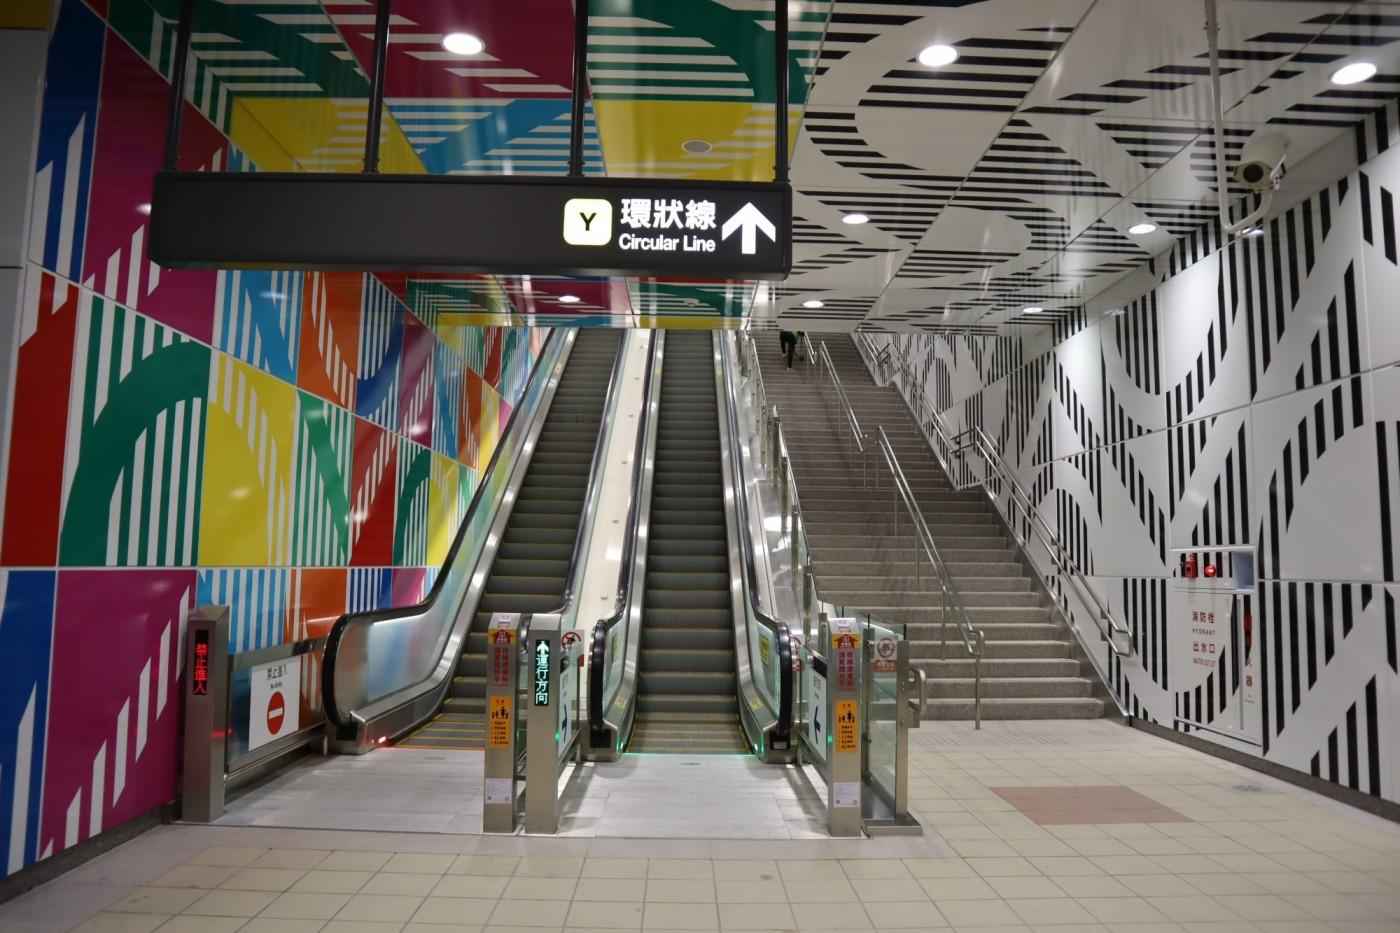 通勤族再等等!新北環狀線年底無法通車,這條蓋了10年的捷運特別在哪?